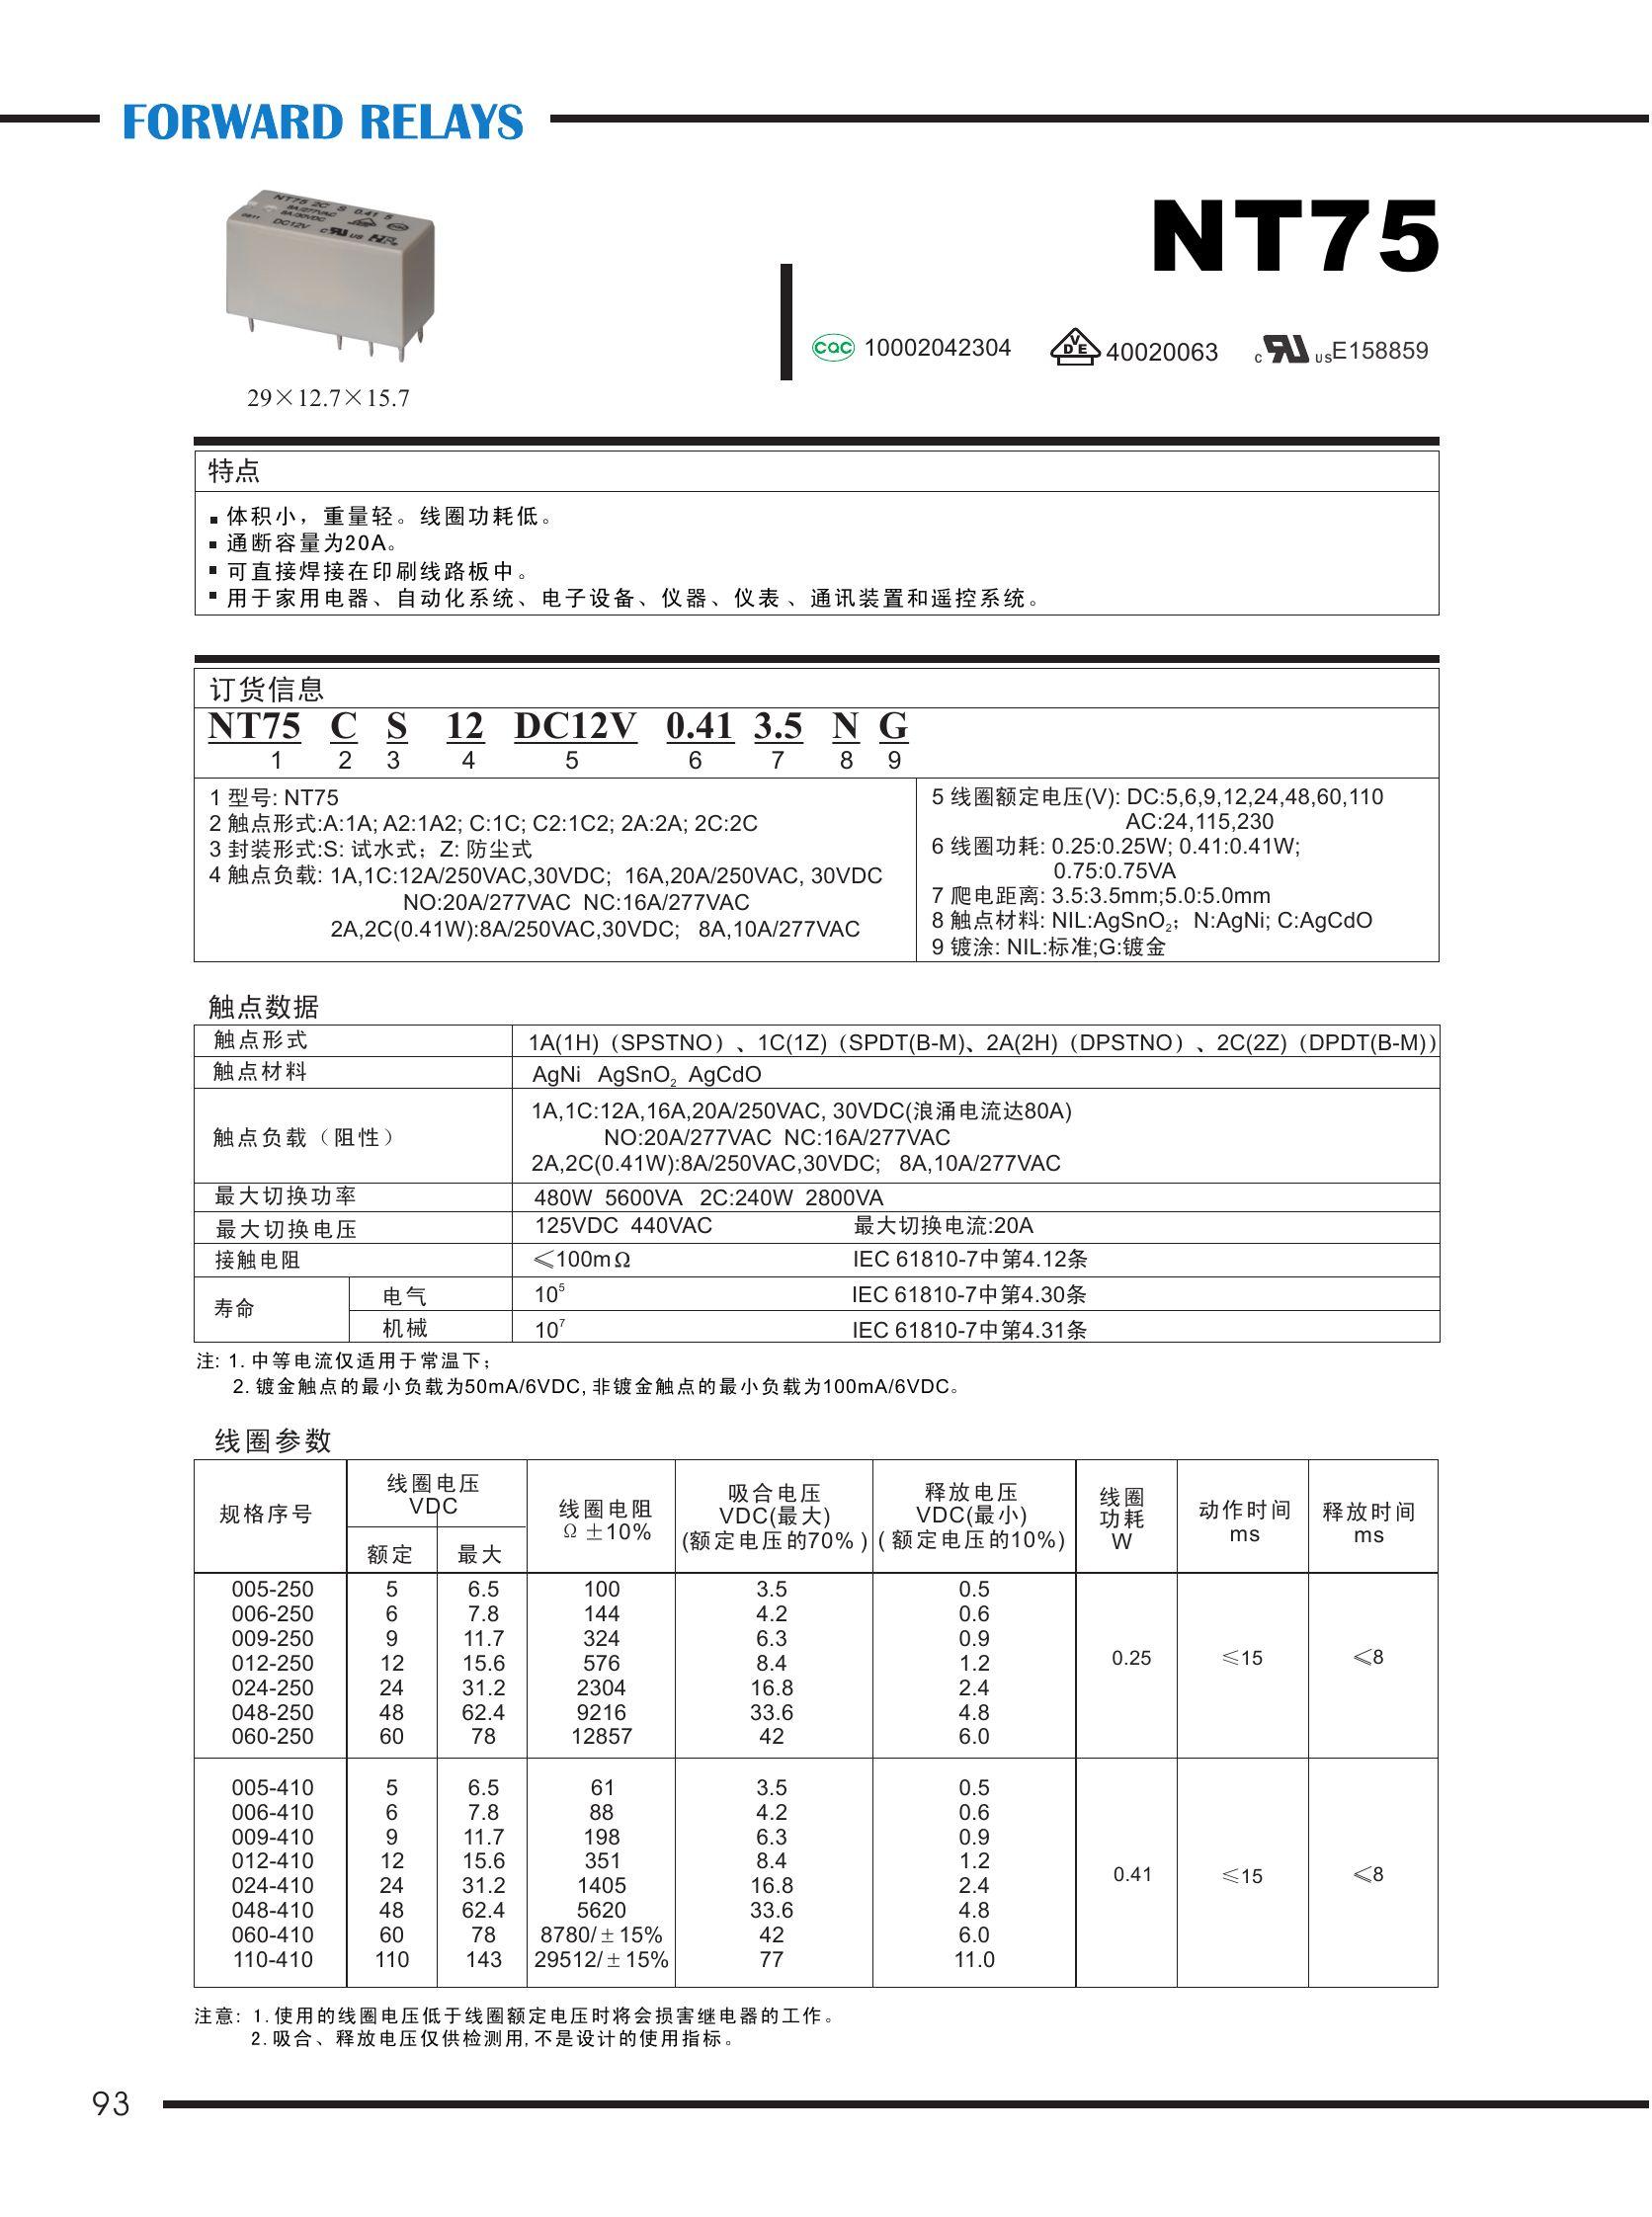 首页 产品目录 福特继电器 >>>  福特通用继电器 仪表展览网 展馆展区